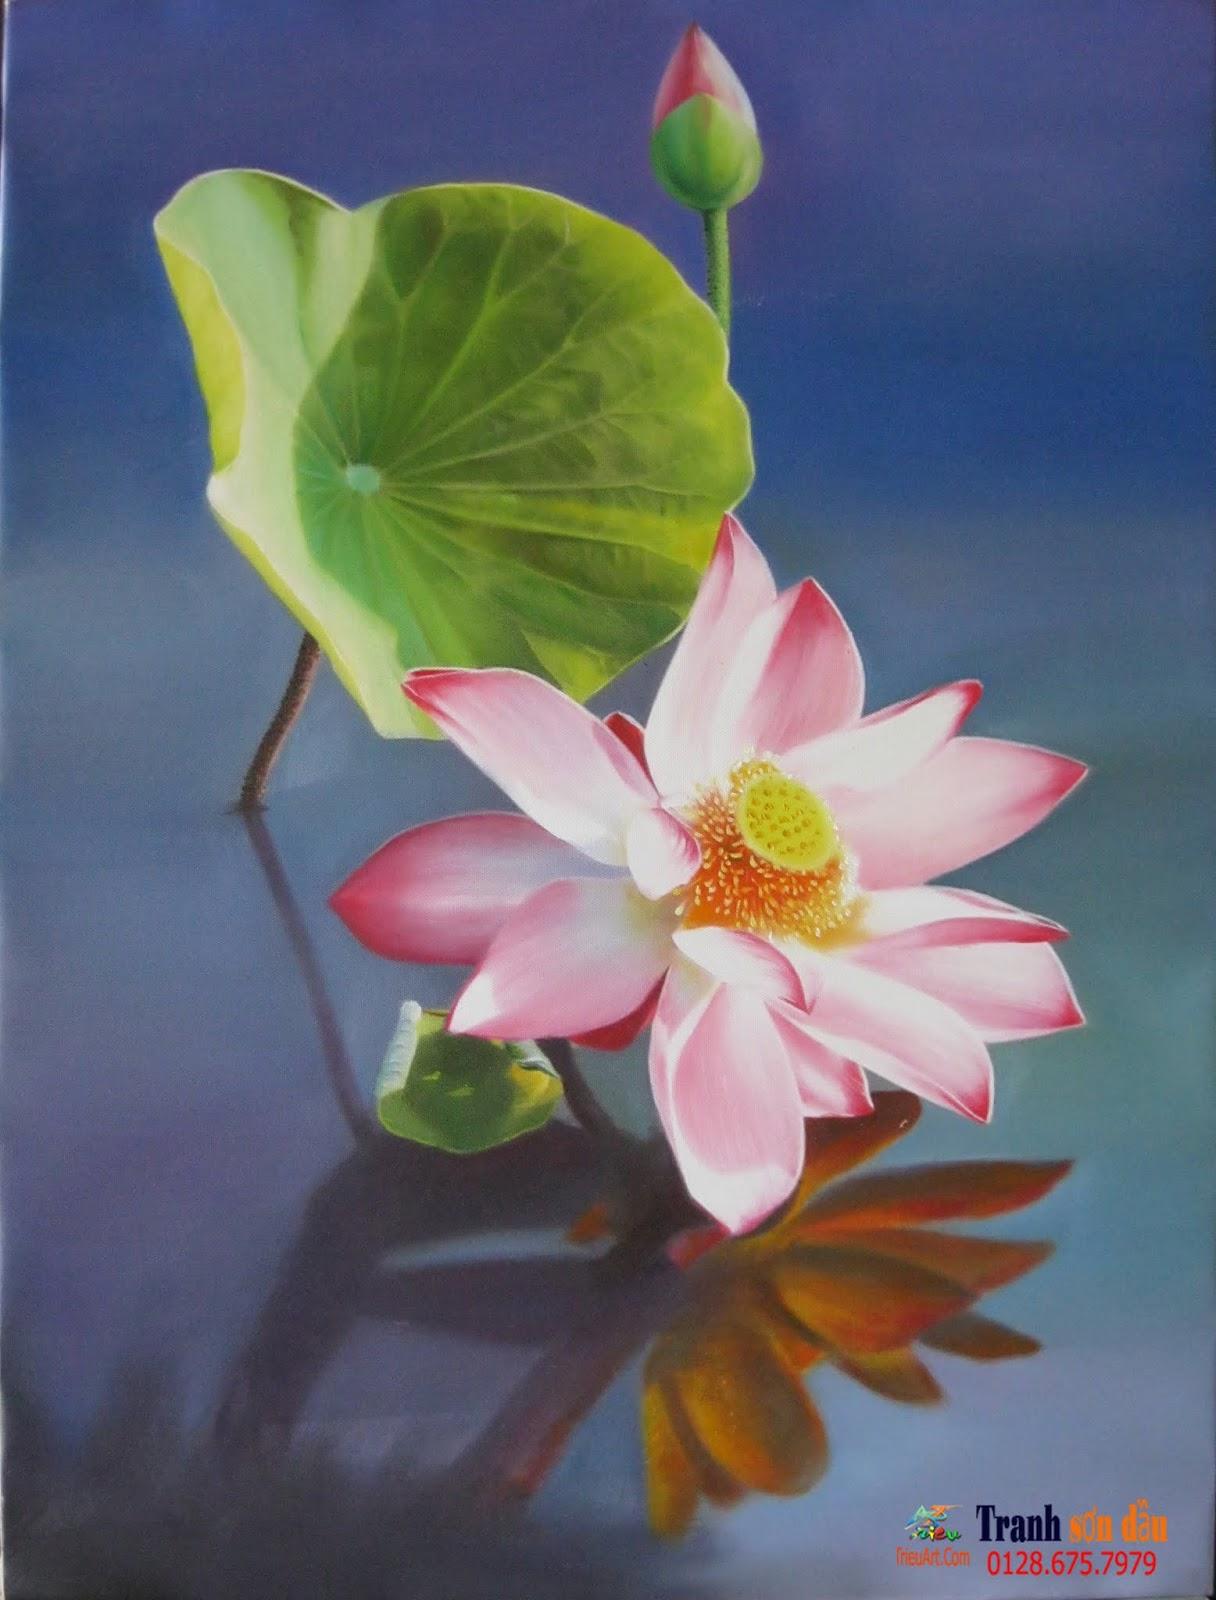 Tranh sơn dầu hoa sen, quà tặng, điểm nhấn cho không gian đẹp